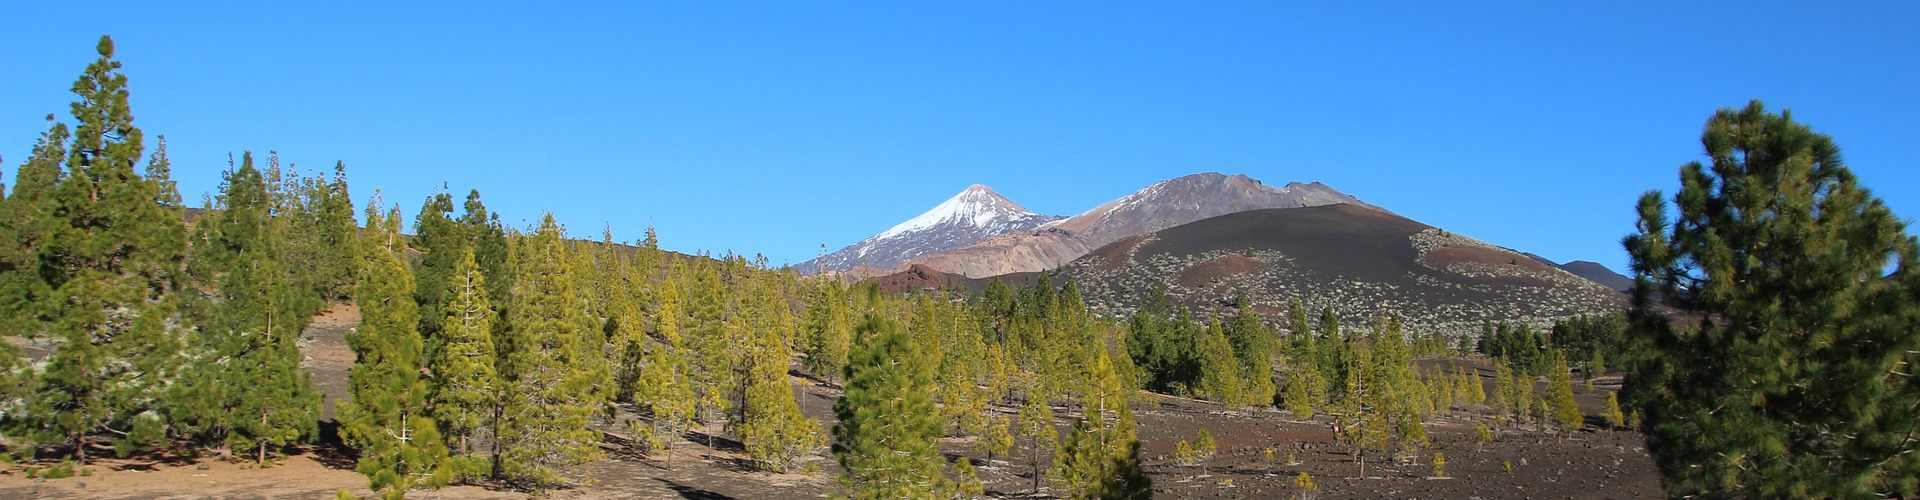 Reisetipps zum Thema: Pico del Teide